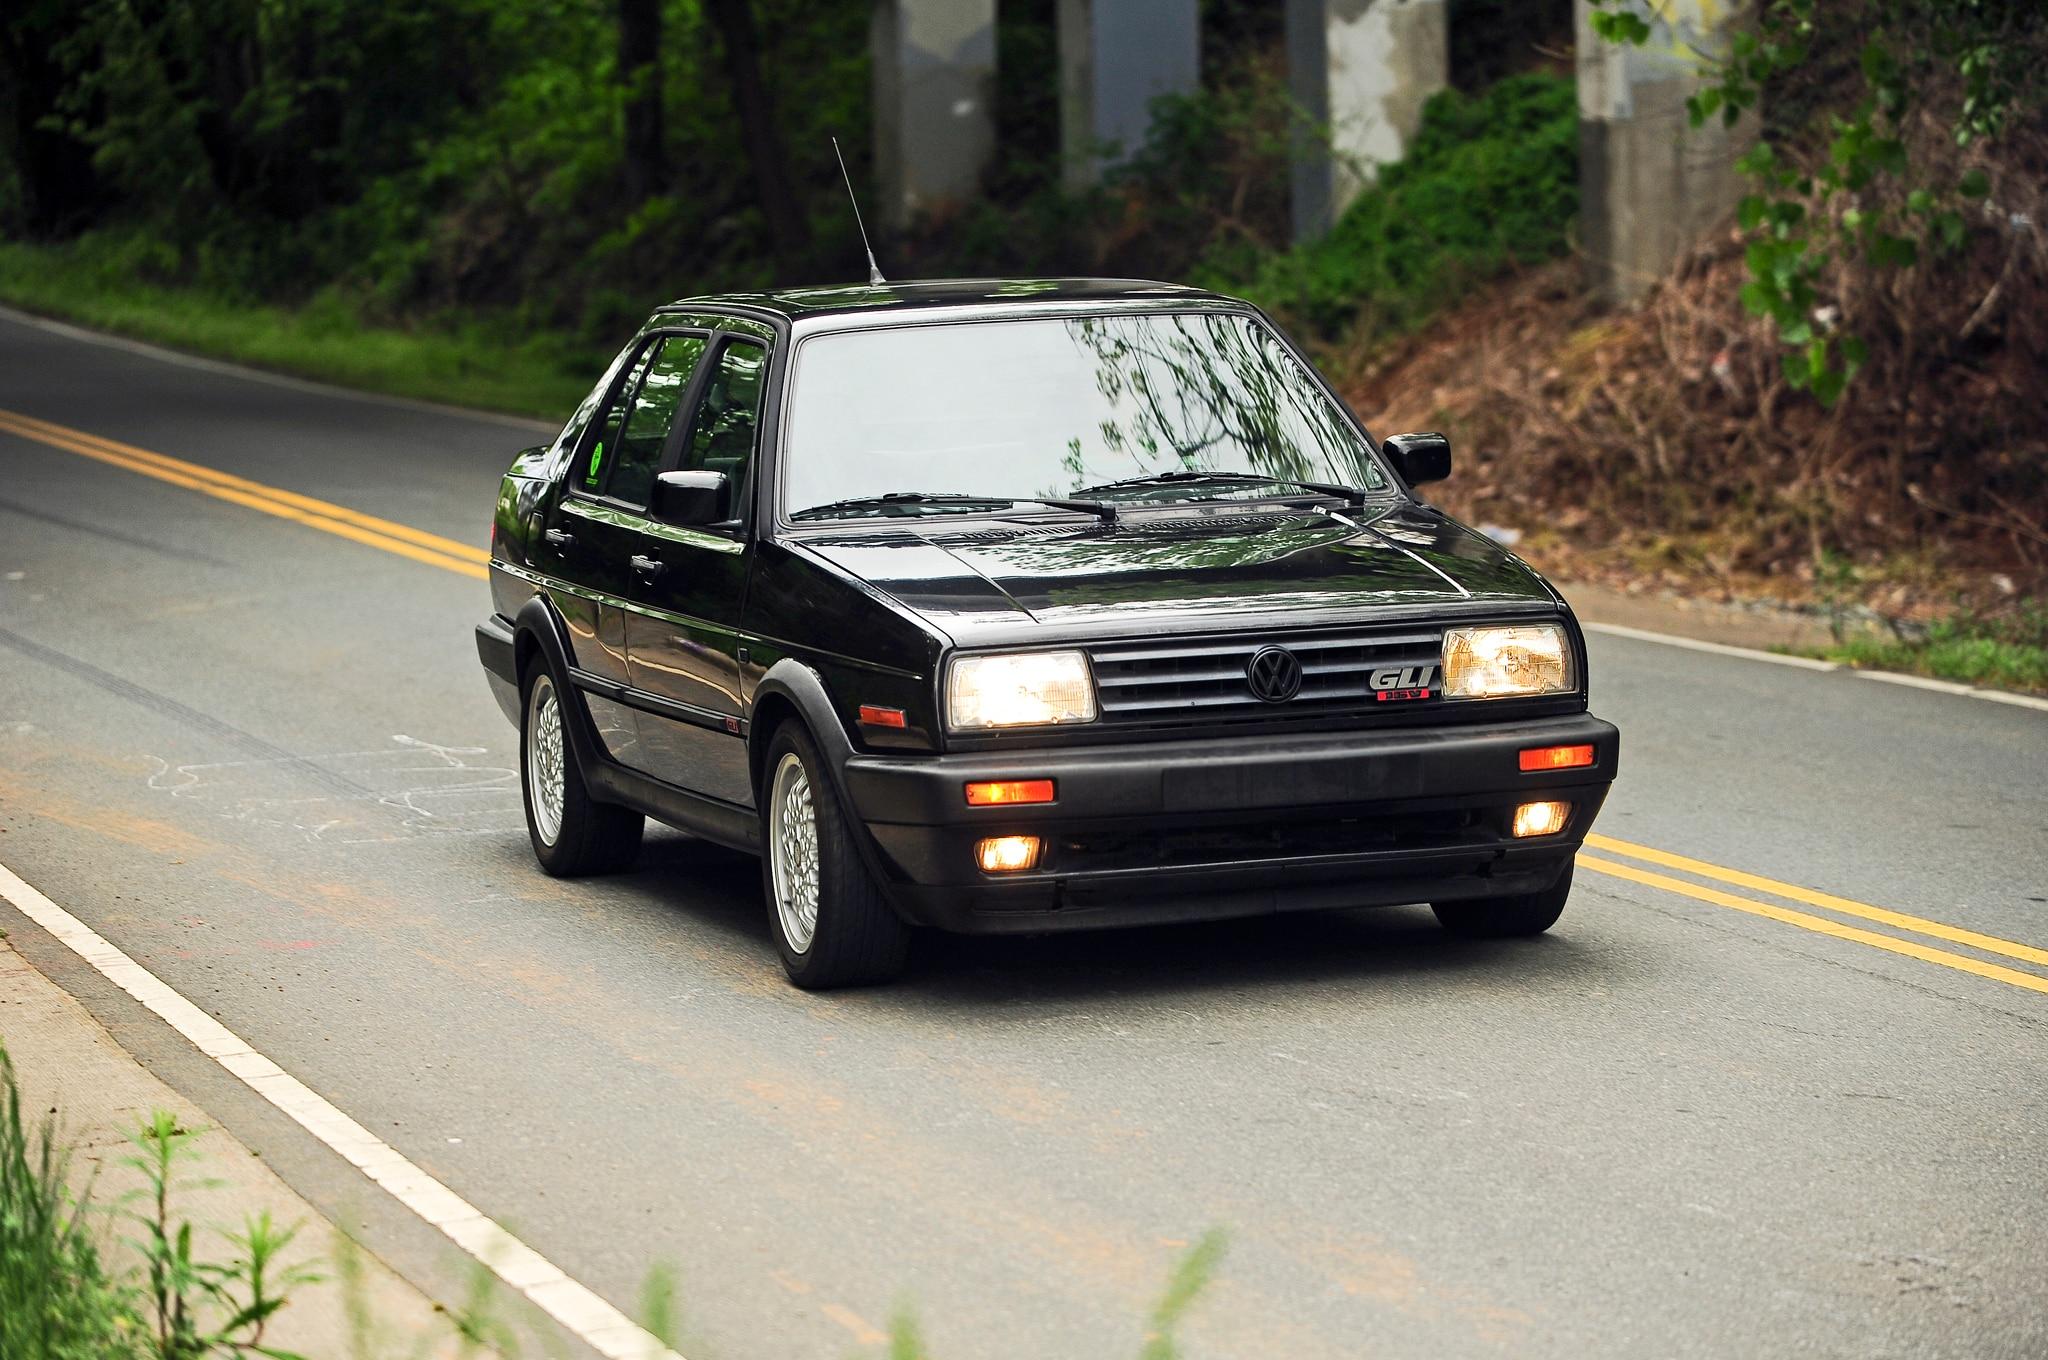 1990 1992 Volkswagen Jetta GLI Front Right View 2